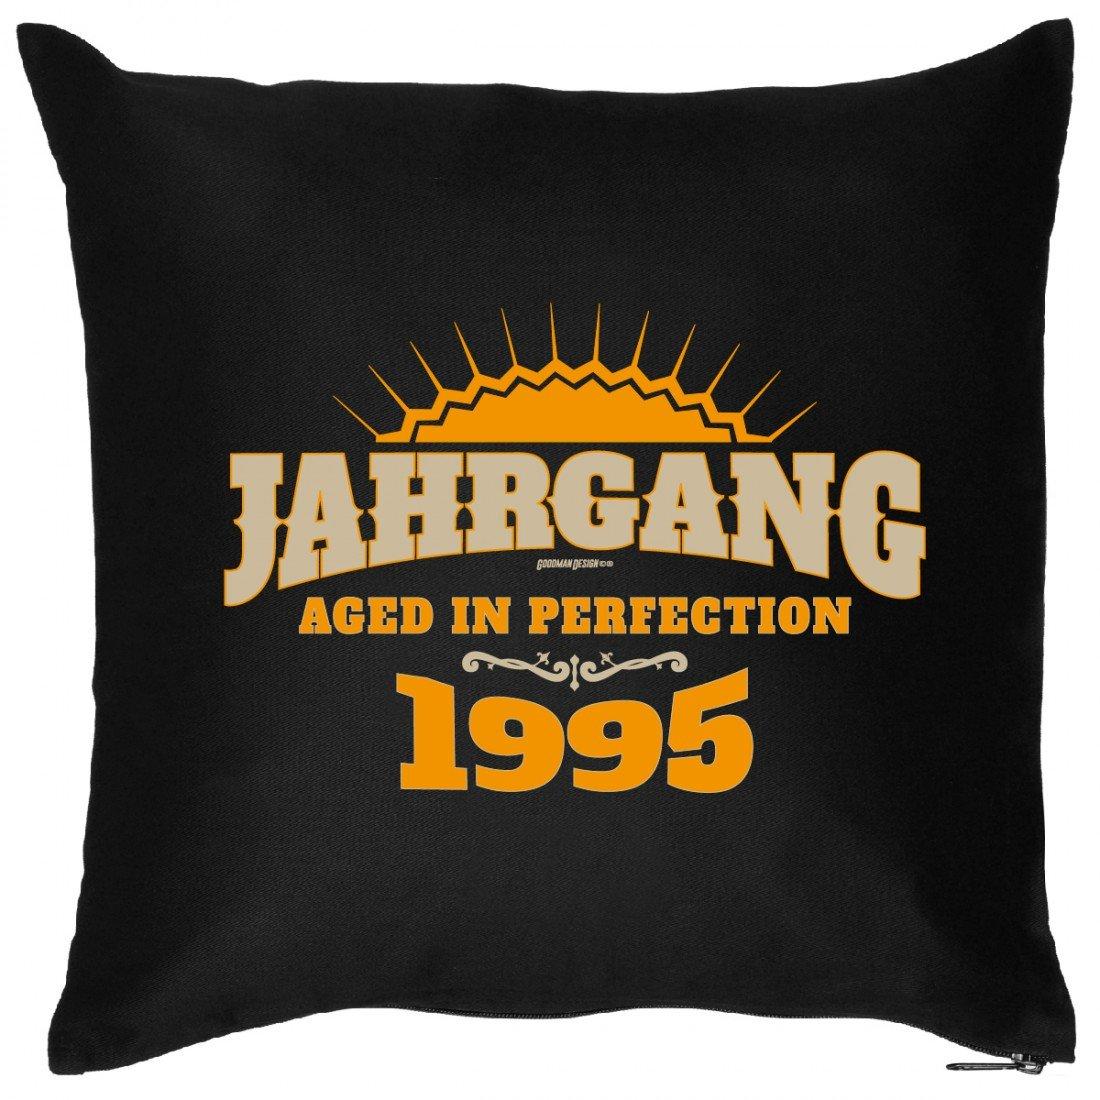 Cooles Couch Kissen zum Geburtstag – Jahrgang – Aged of Perfection 1997 – Sofakissen Wendekissen mit Spruch und Humor bestellen